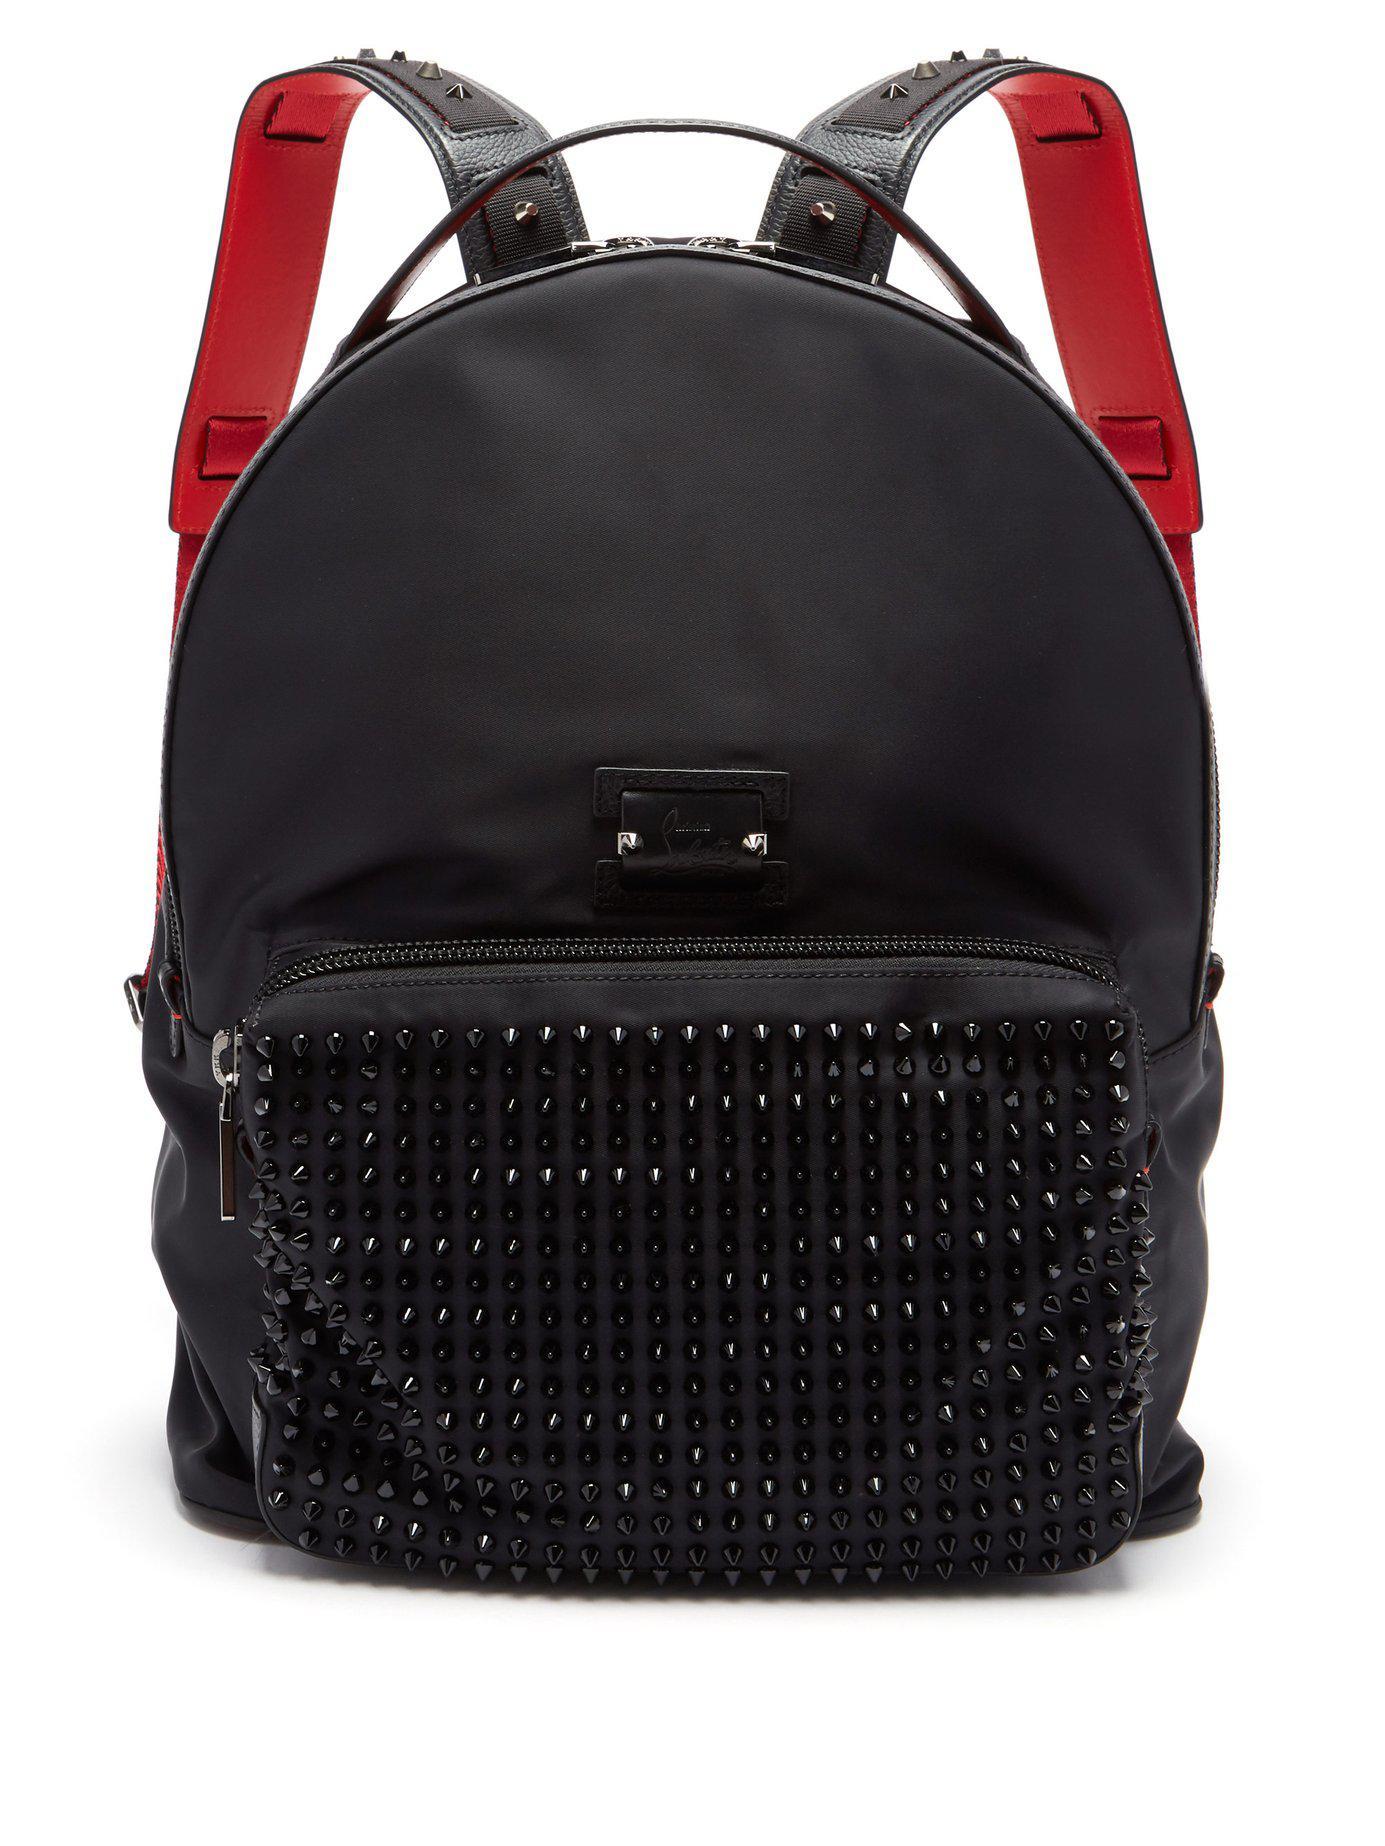 dbf5e5c862 Christian Louboutin - Black Backloubi Spikes Nylon Backpack for Men - Lyst.  View fullscreen